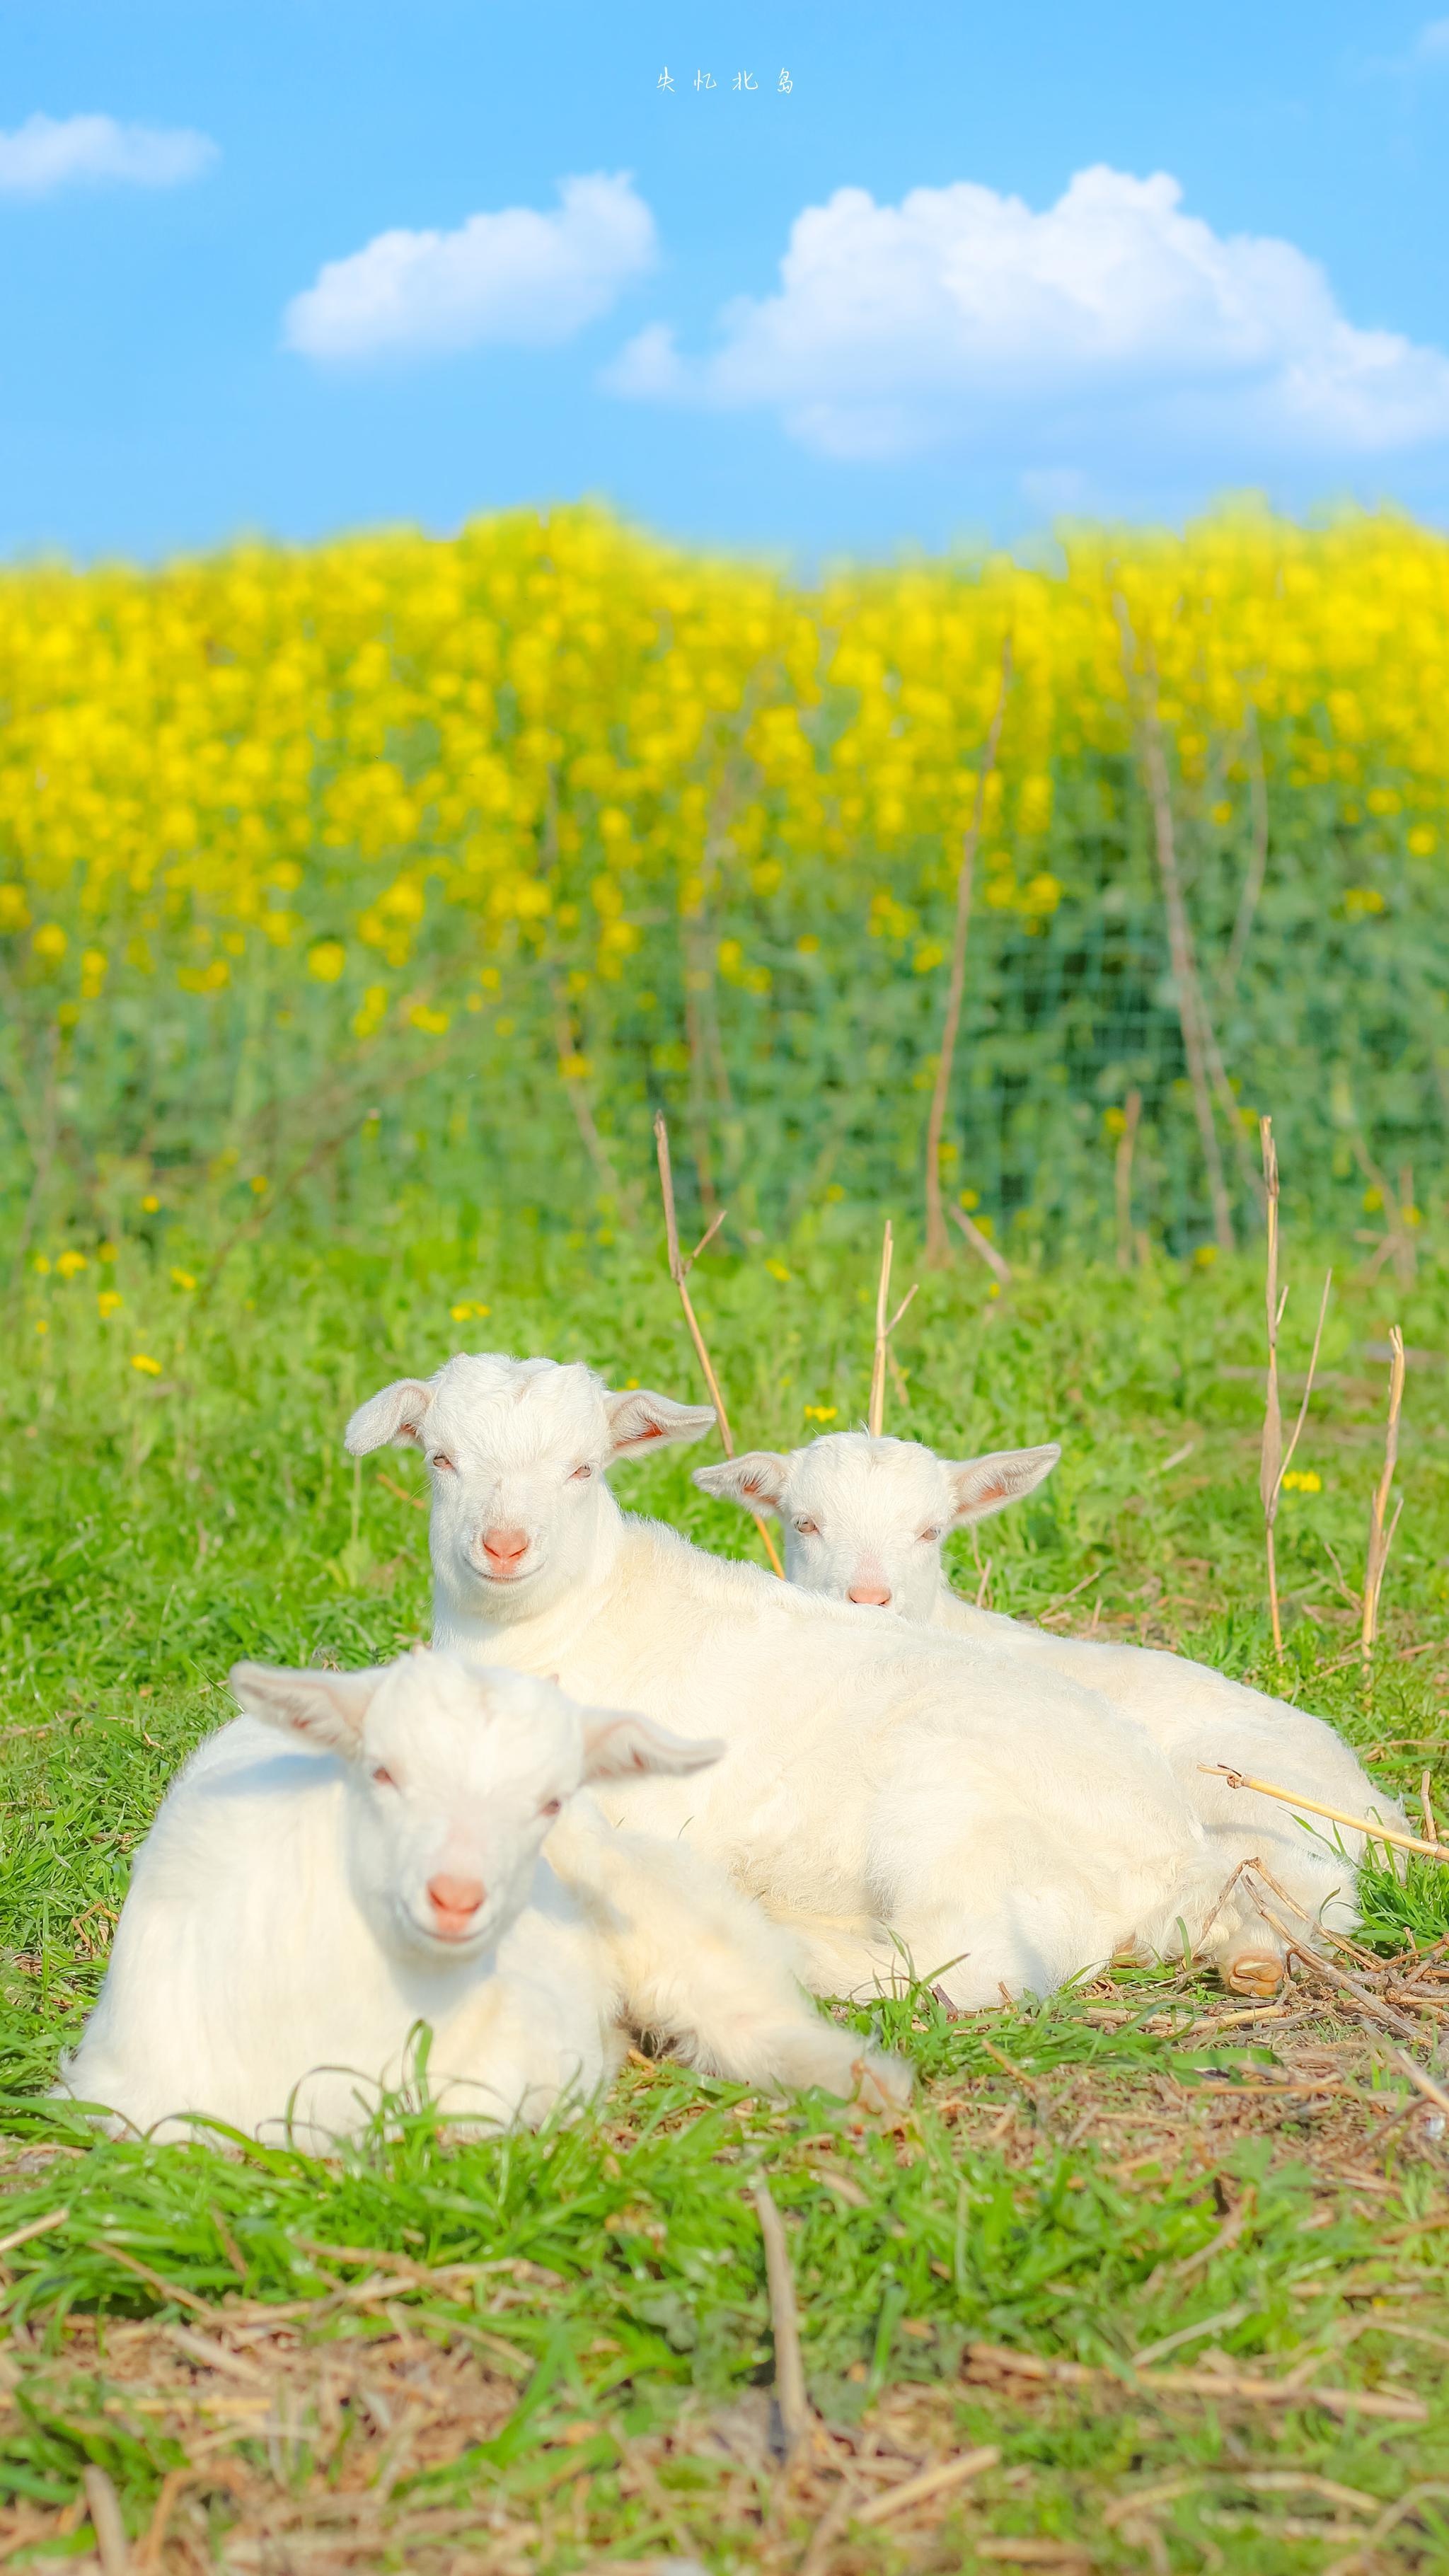 小羊与油菜花在春天的碰面 🐏by@失忆北岛